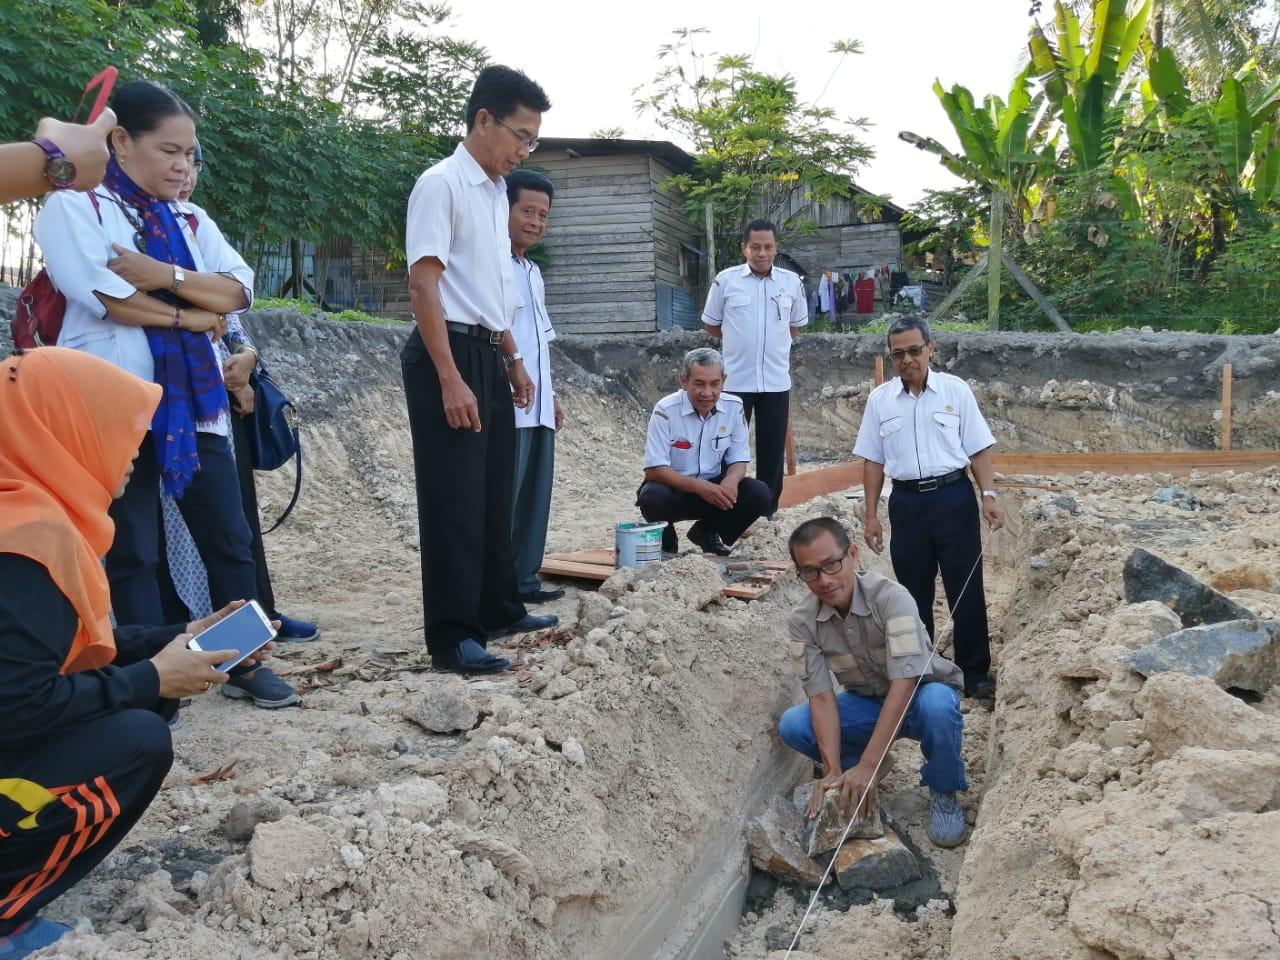 Ketua Komite SMK Negeri 1 Pangkalan Bun, Irwanudin,SH turut meletakkan batu pertama bangunan RPS, Lap dan Toilet